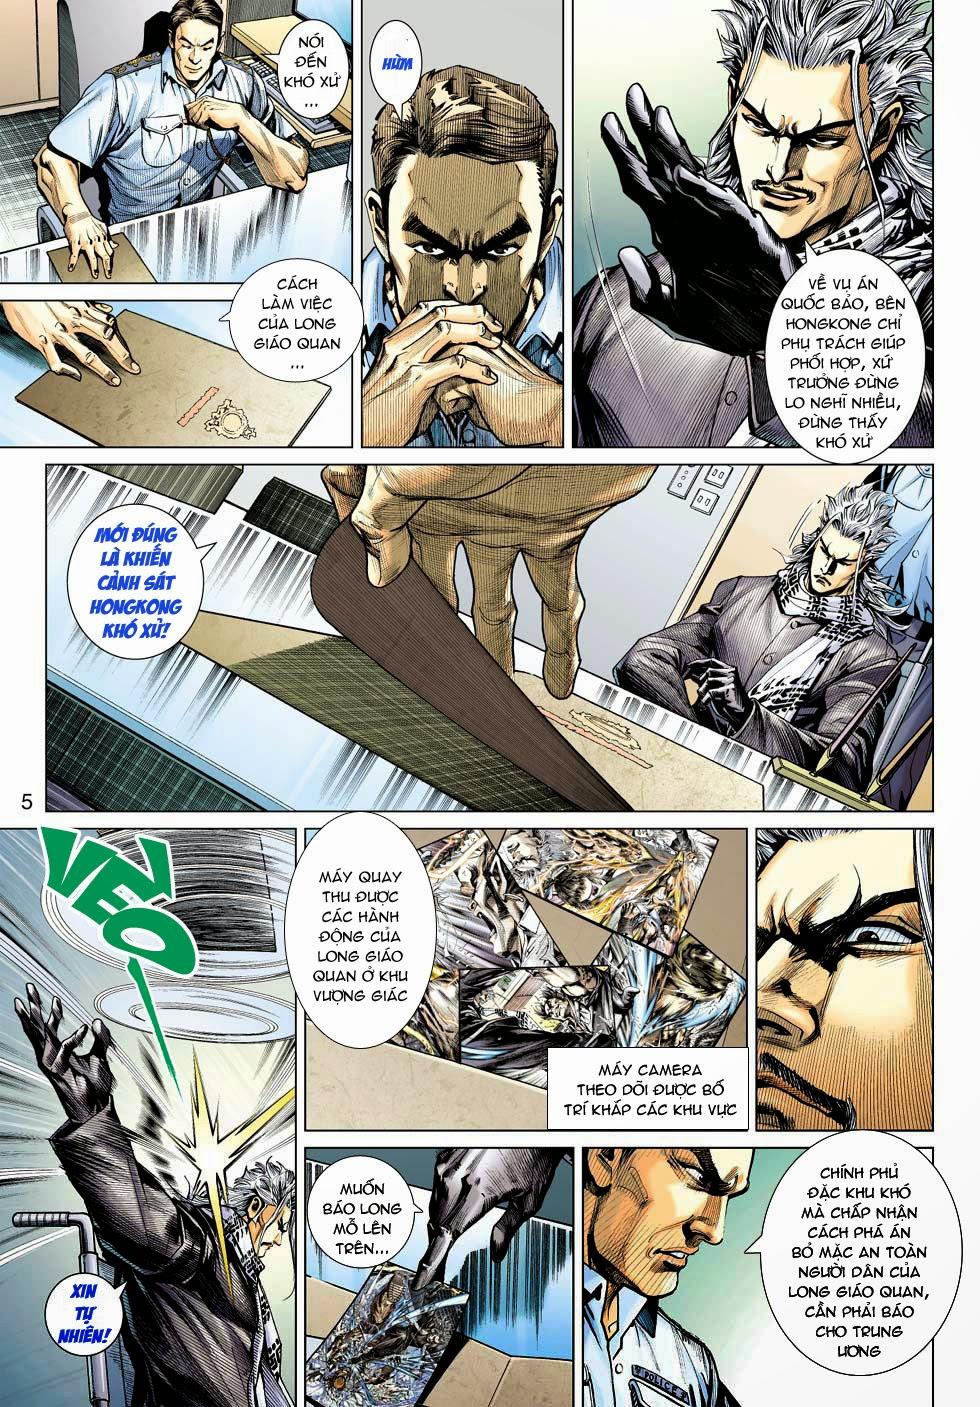 Tân Tác Long Hổ Môn trang 4